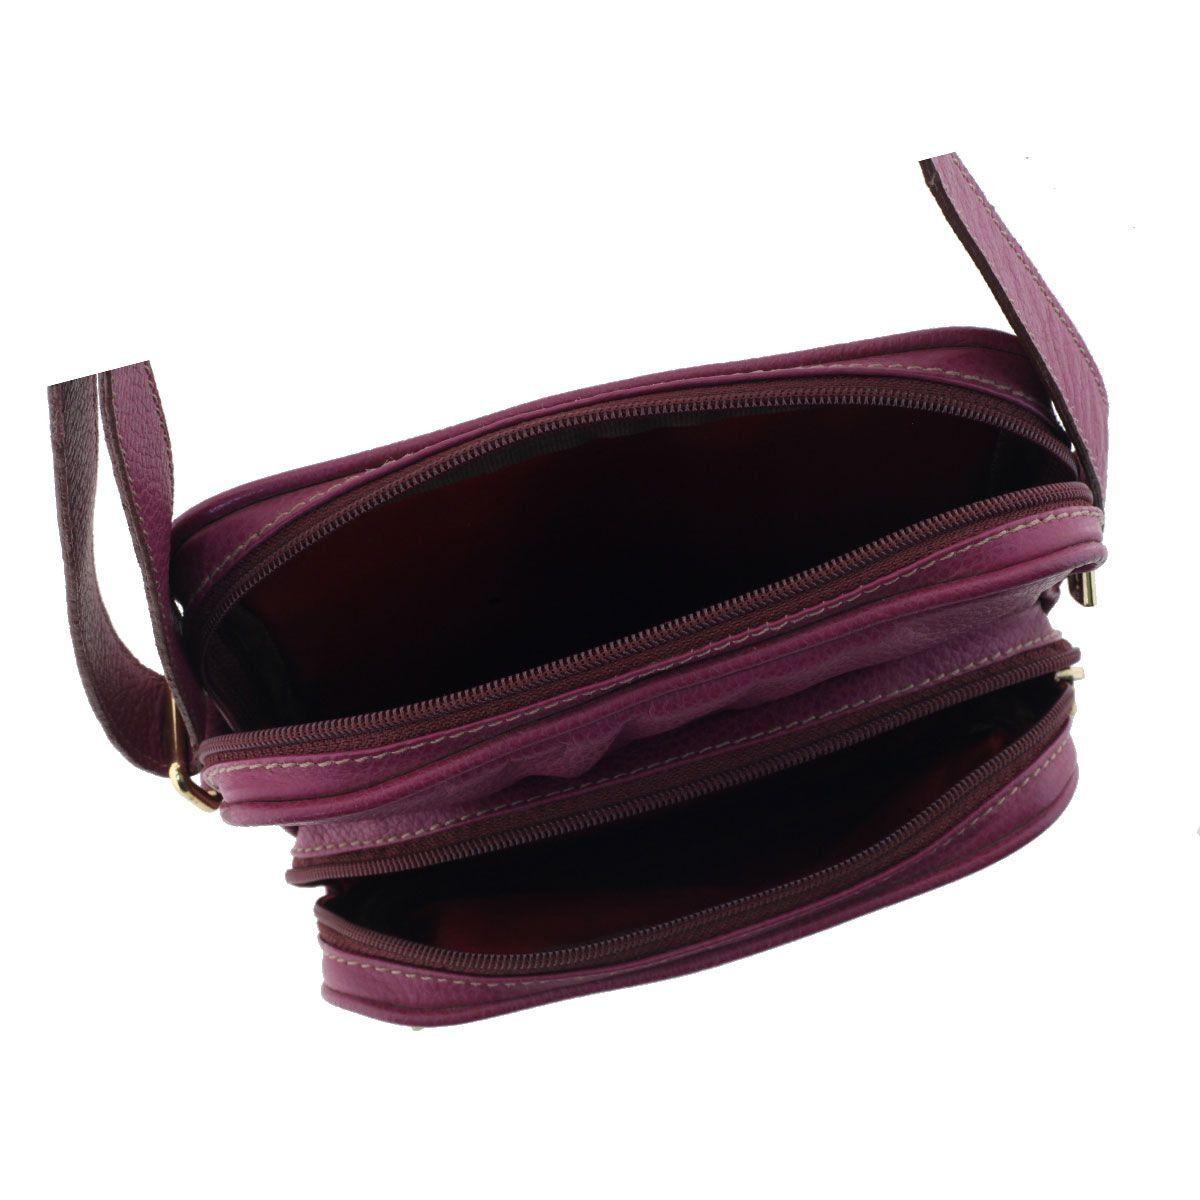 Bolsa Carteiro de Couro Púrpura